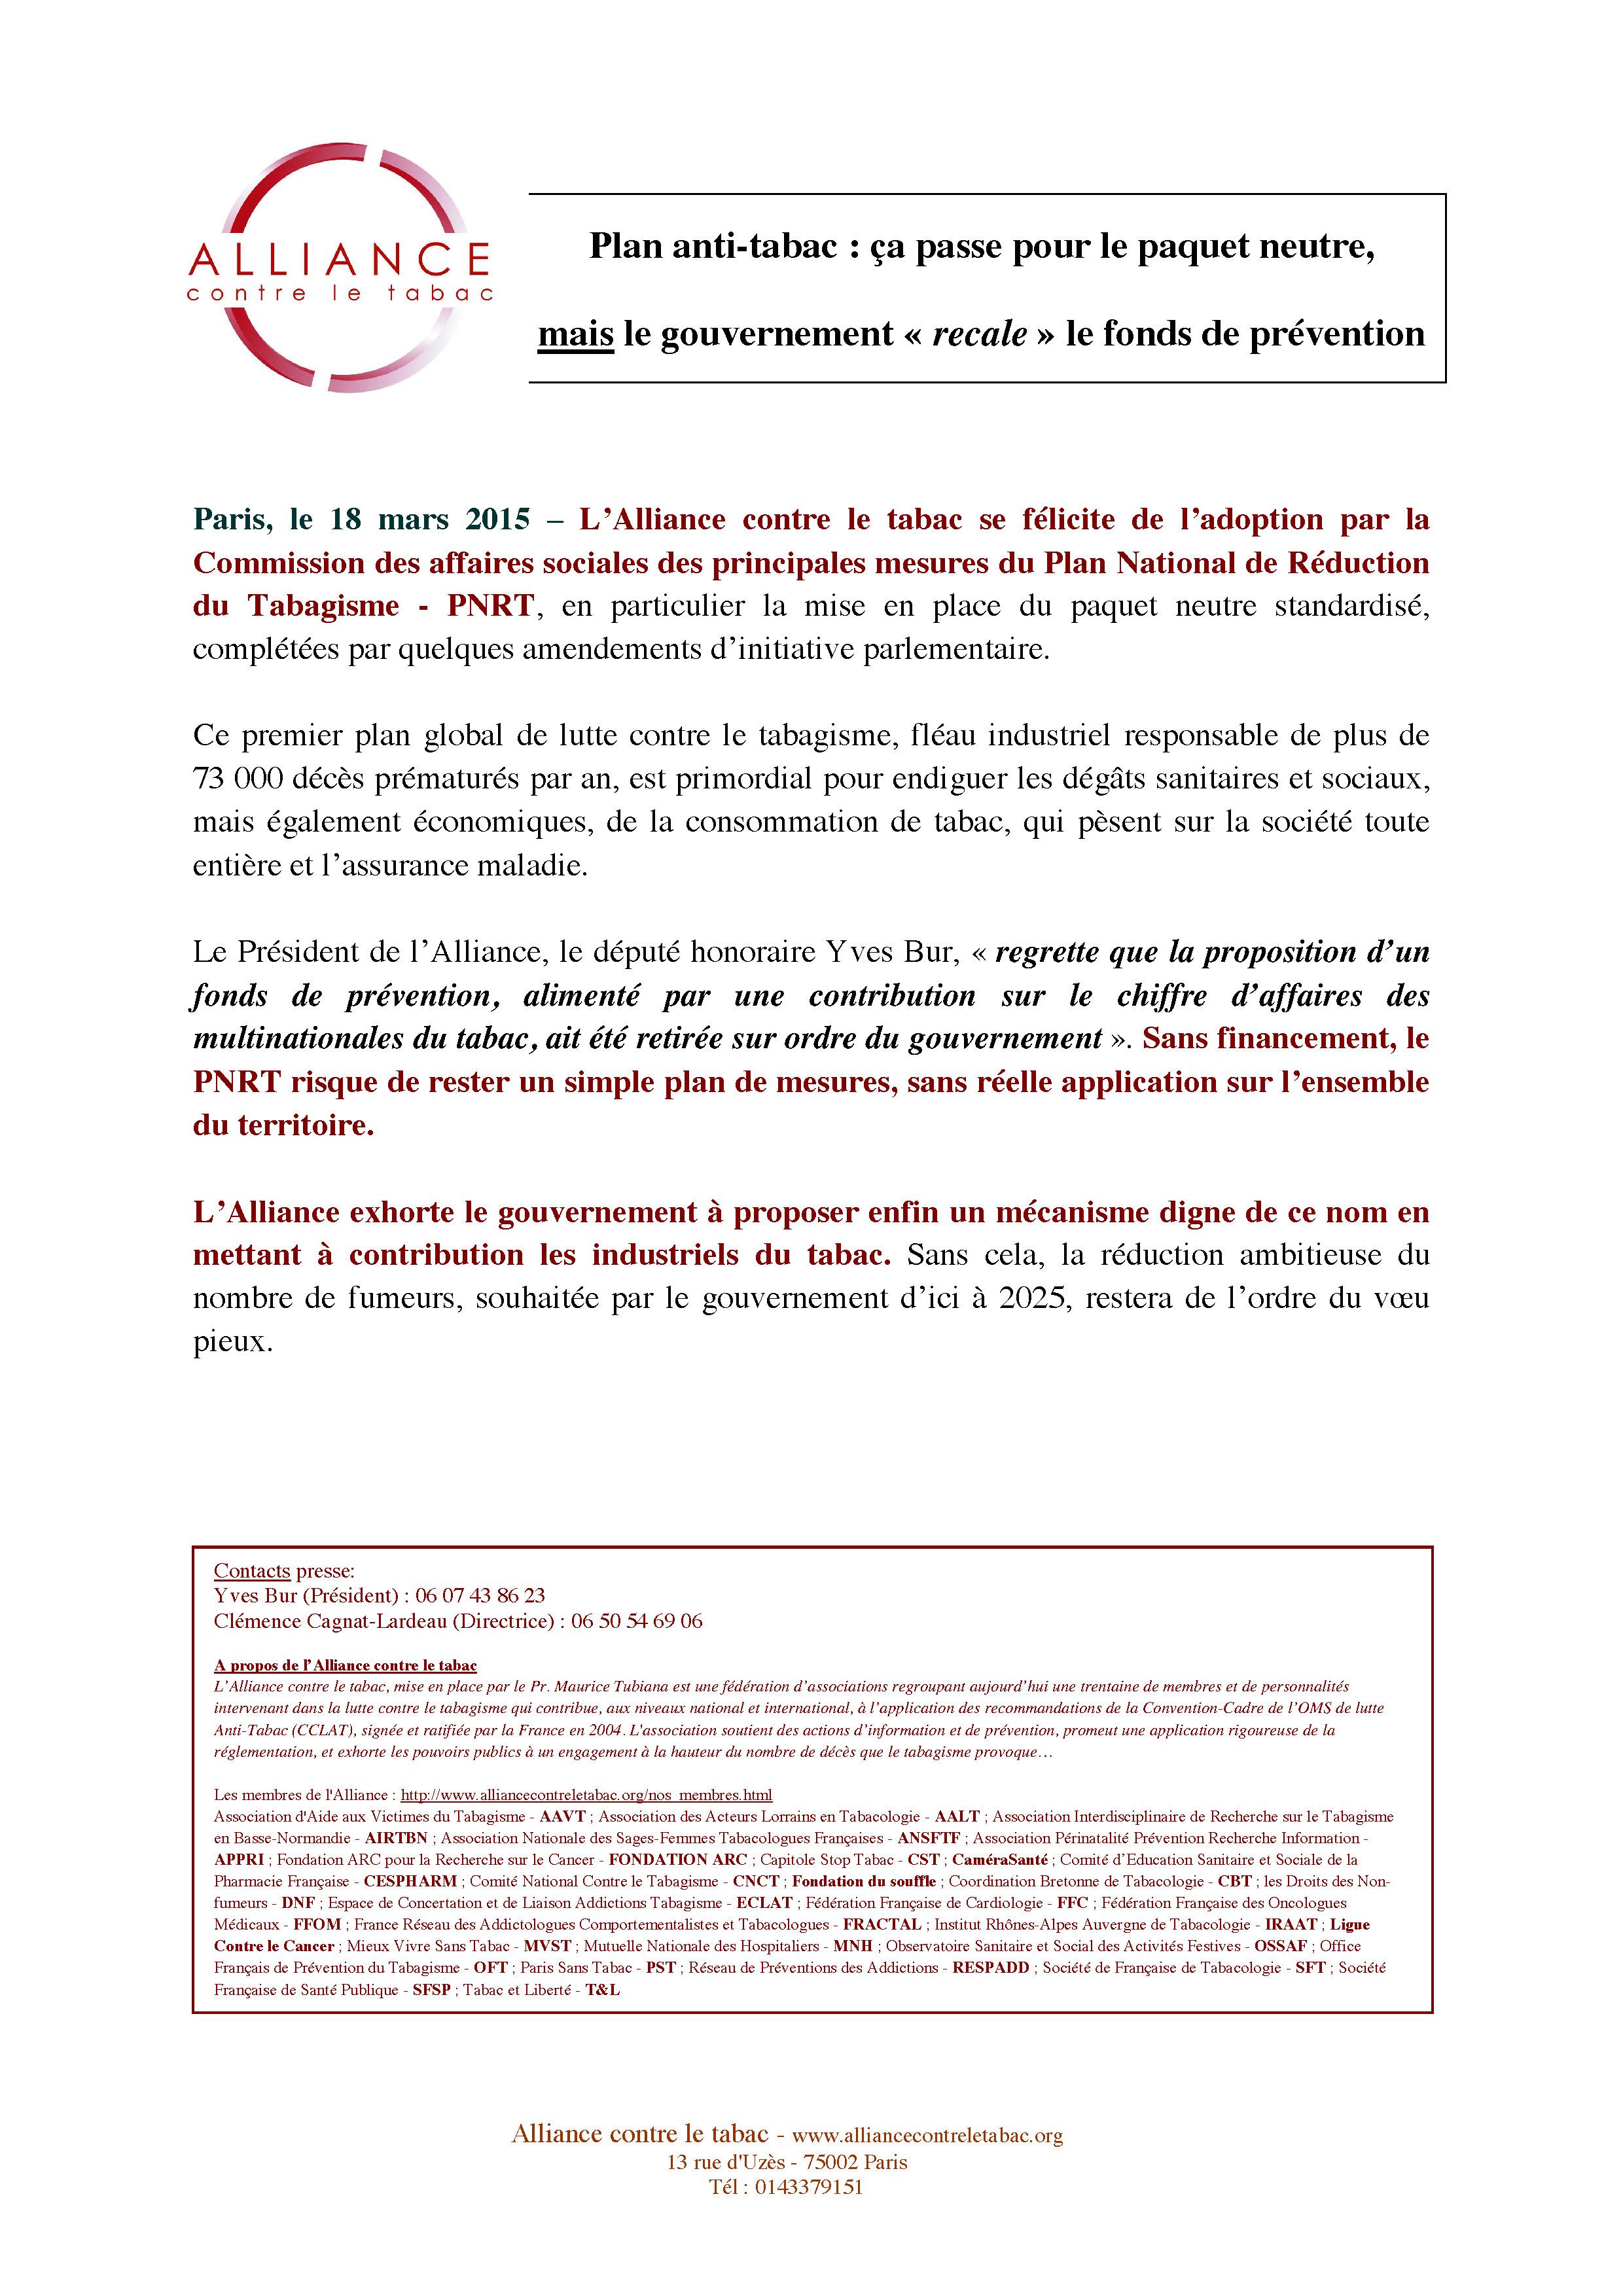 Alliance-CP_PNRT-ca-passe-pour-le-paquet-neutre-mais-le-gouvernement-recale-le-fonds-de-prévention-18mars2015.jpg